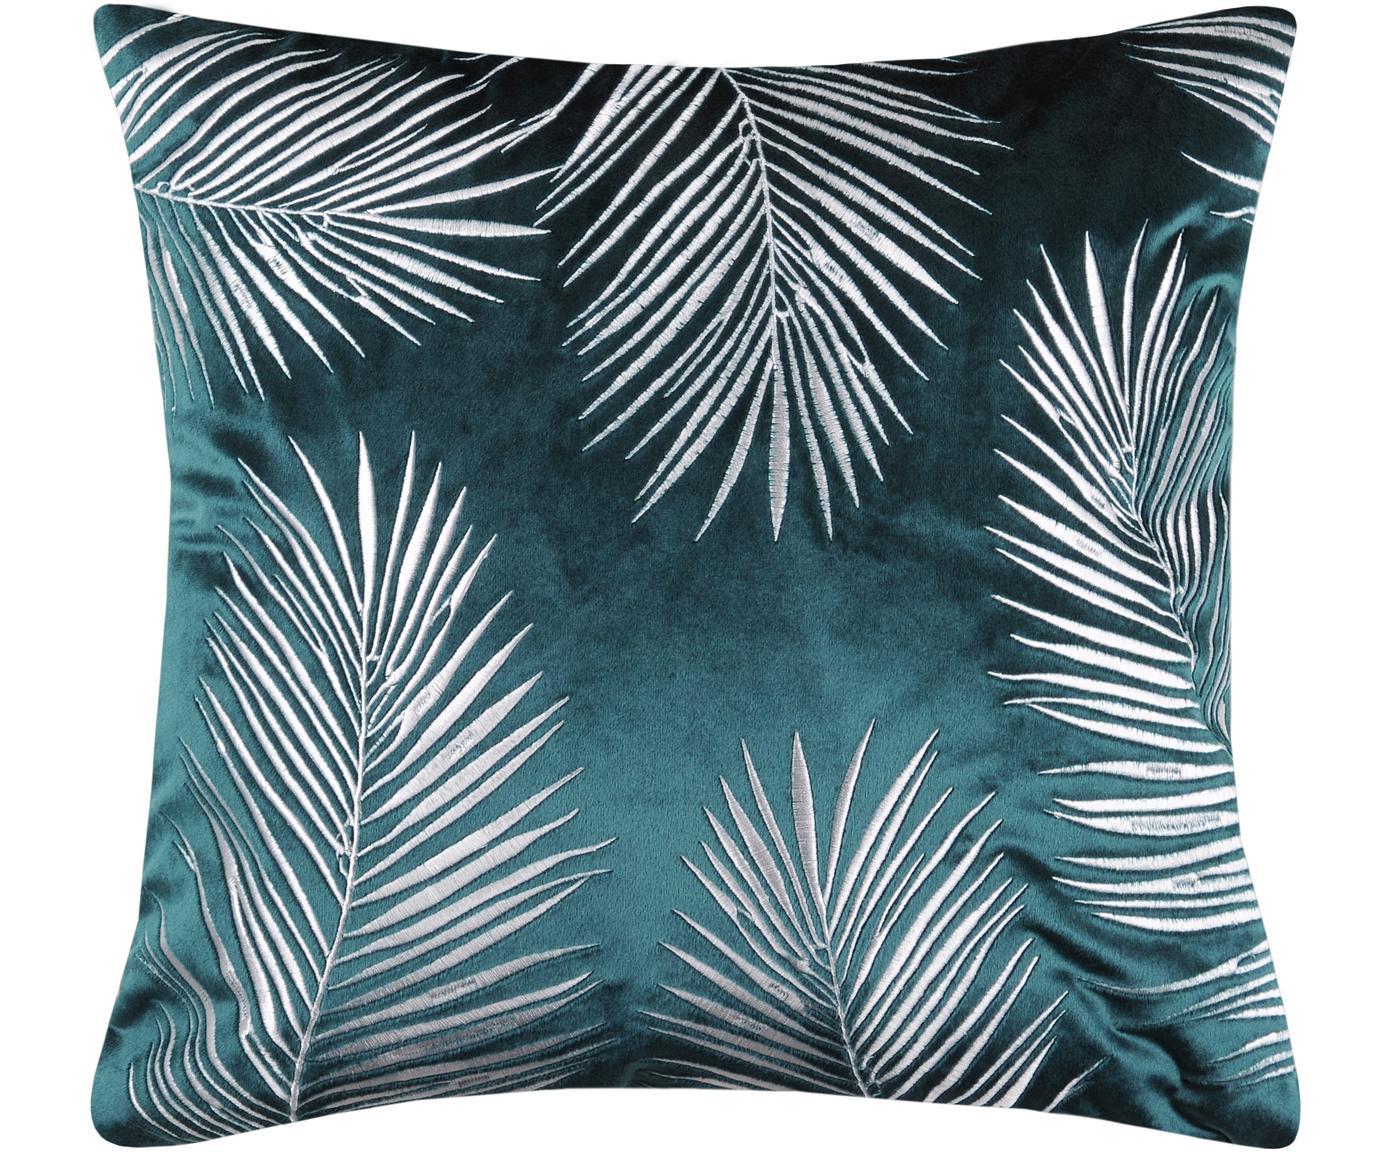 Poszewka na poduszkę z aksamitu Ibarra, Poliester, Niebieski petrol, biały, S 45 x D 45 cm